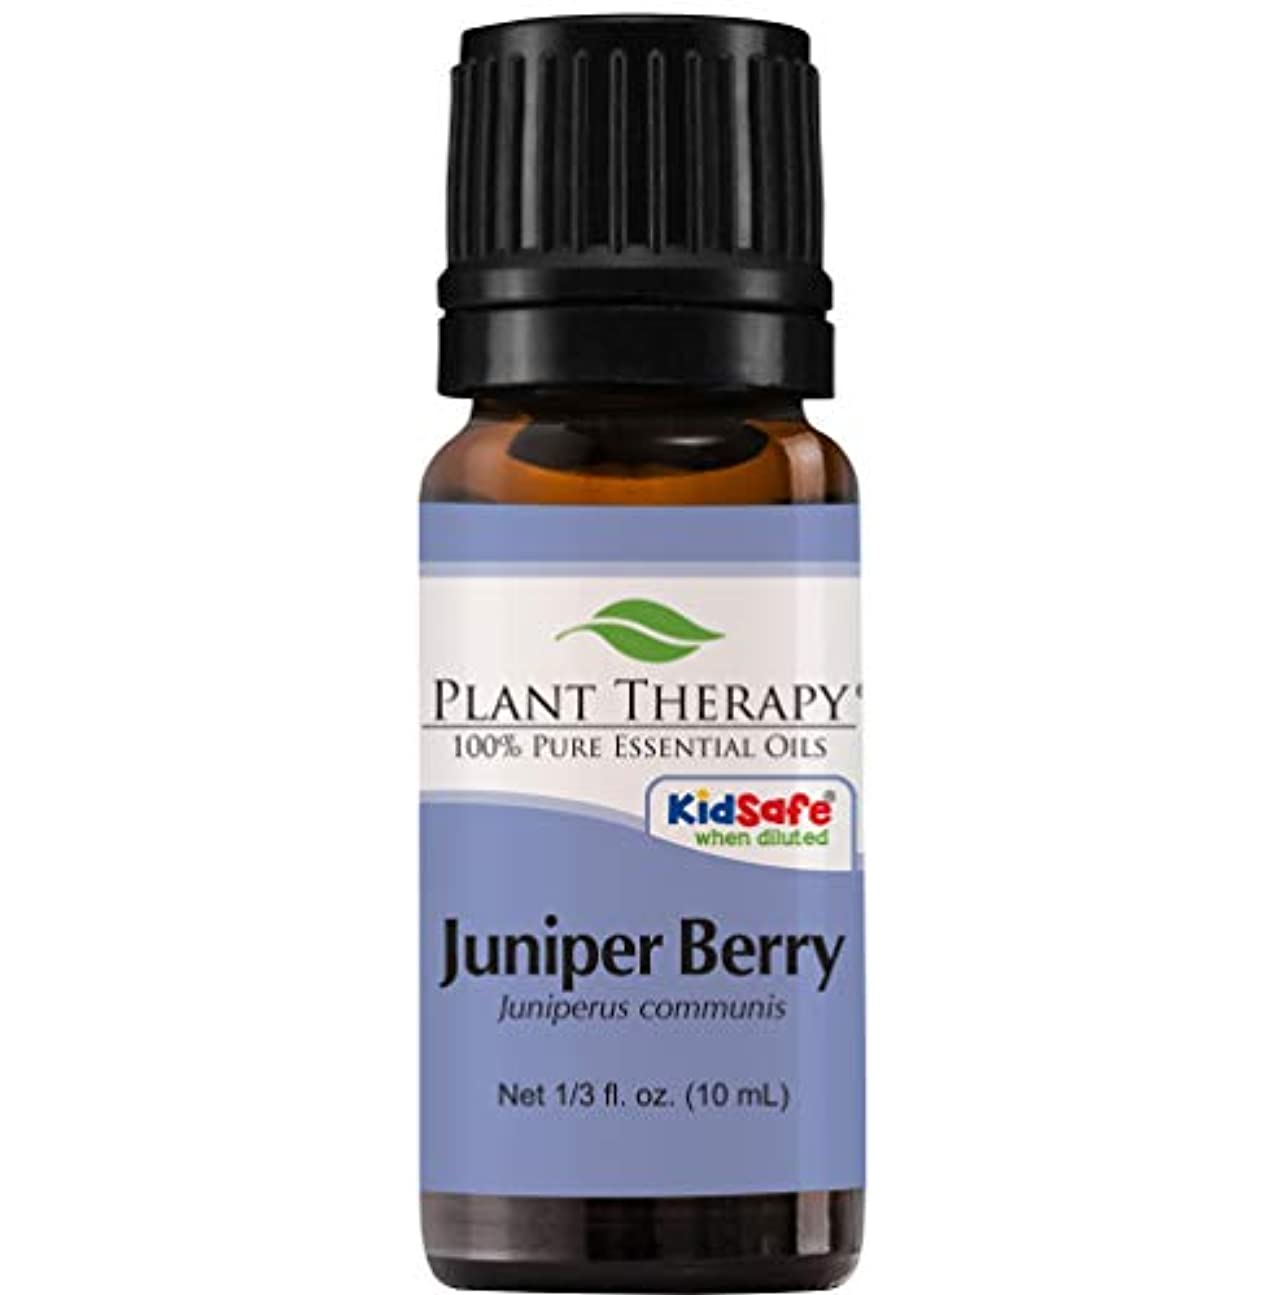 被害者コーヒーライフルPlant Therapy Juniper Berry Essential Oil. 100% Pure, Undiluted, Therapeutic Grade. 10 ml (1/3 oz).